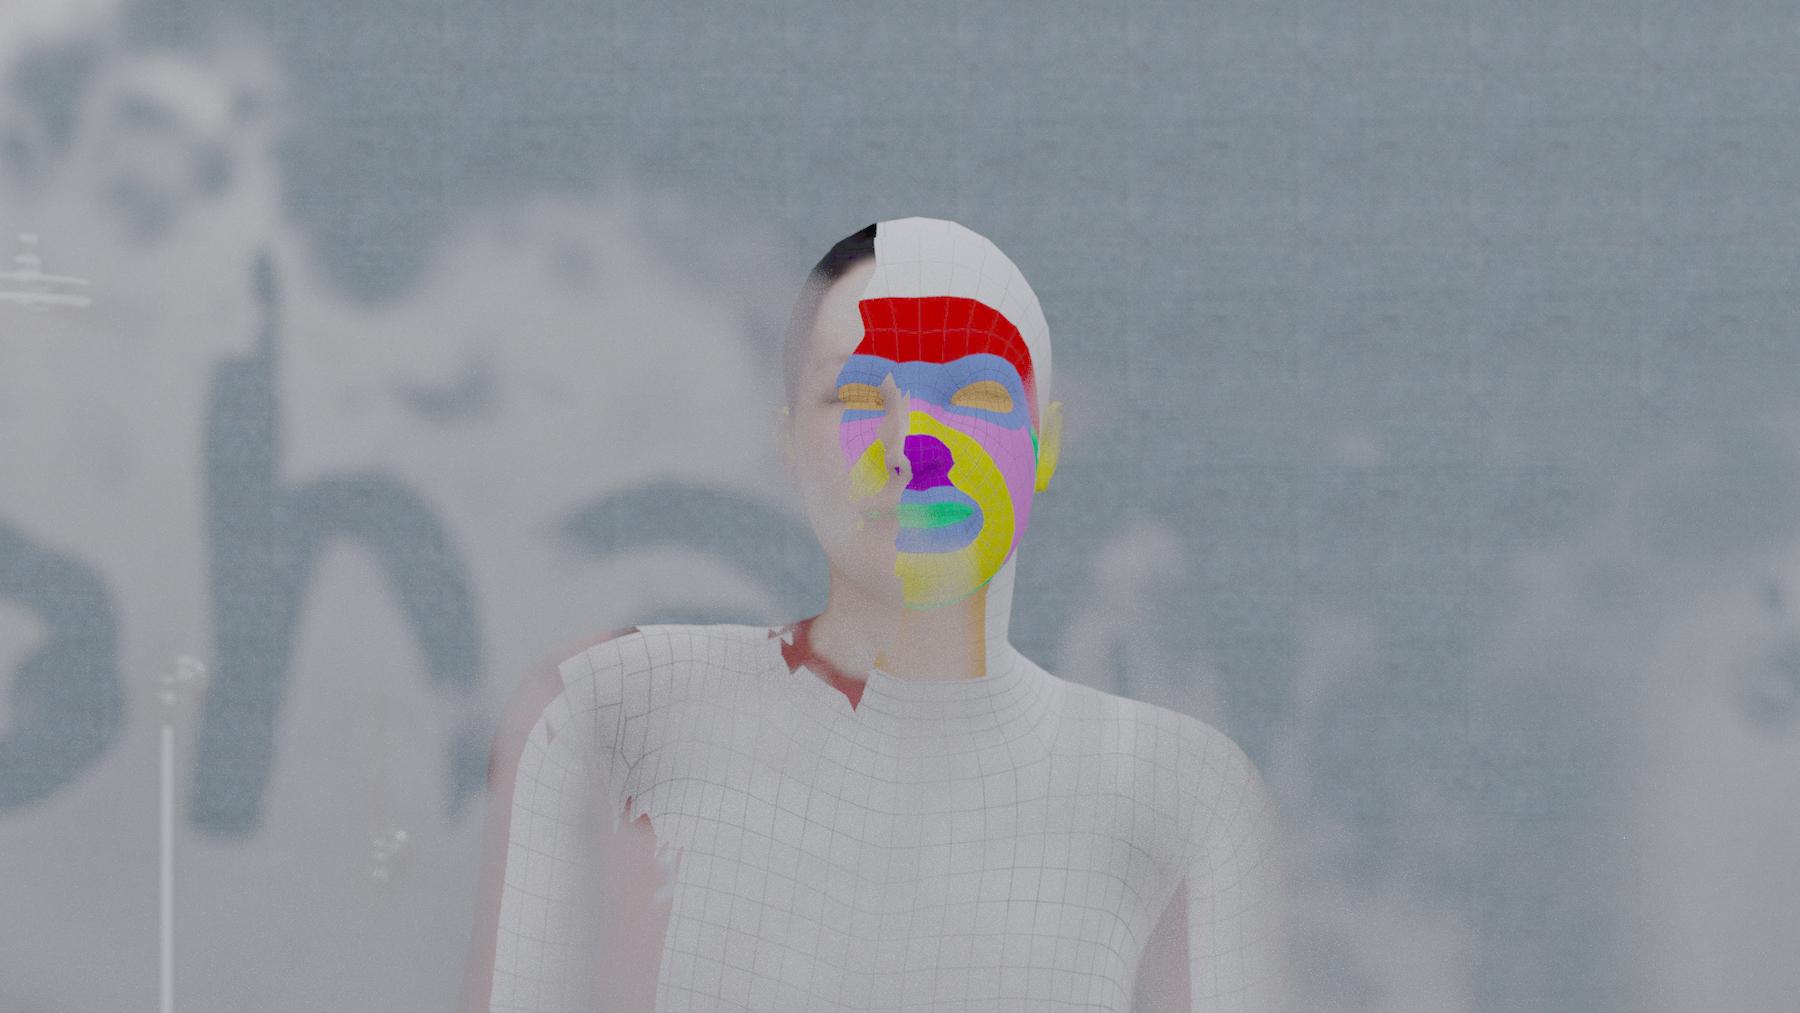 Menschliche Silhouette, Teile des Gesichts mit Farbflächen ausgefüllt.